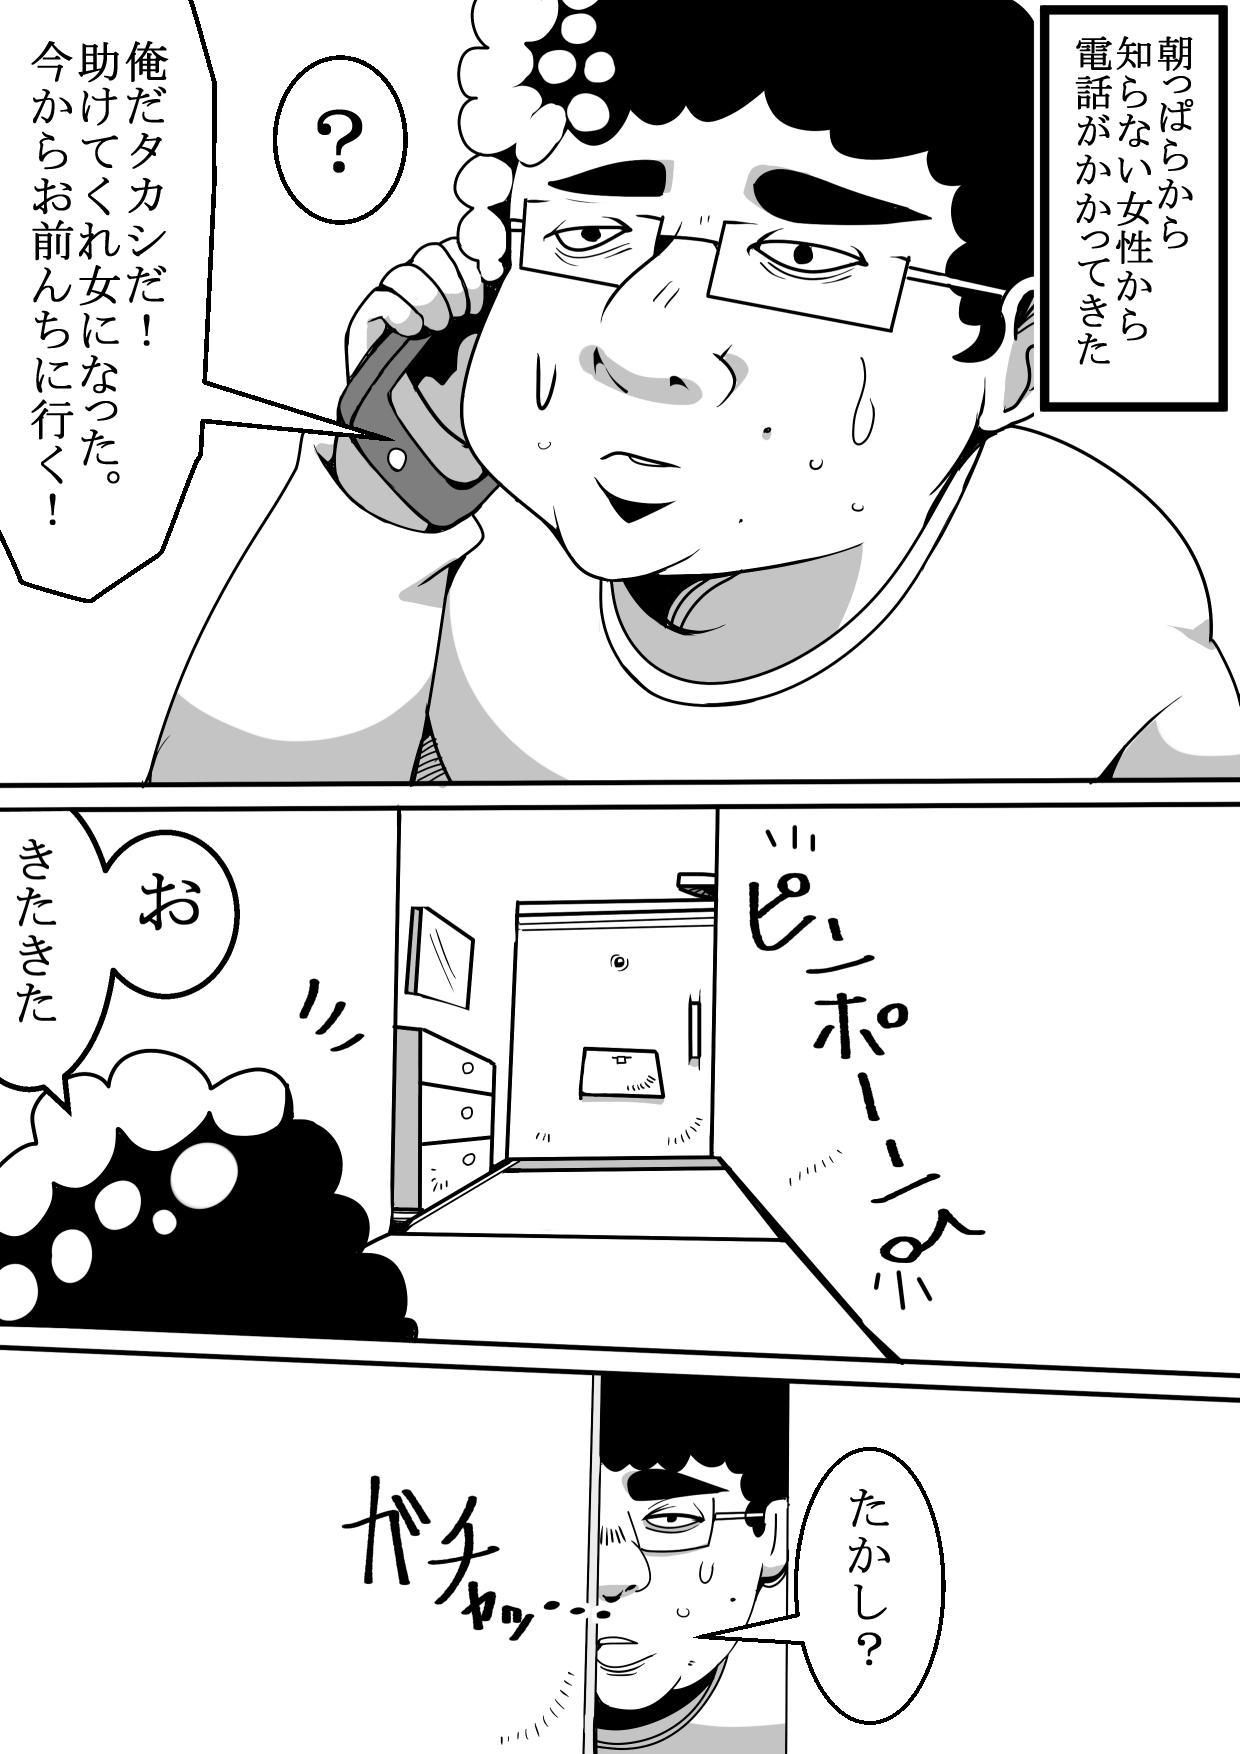 Nyotaika Shita Tomodachi ga Yattekita Hanashi 2